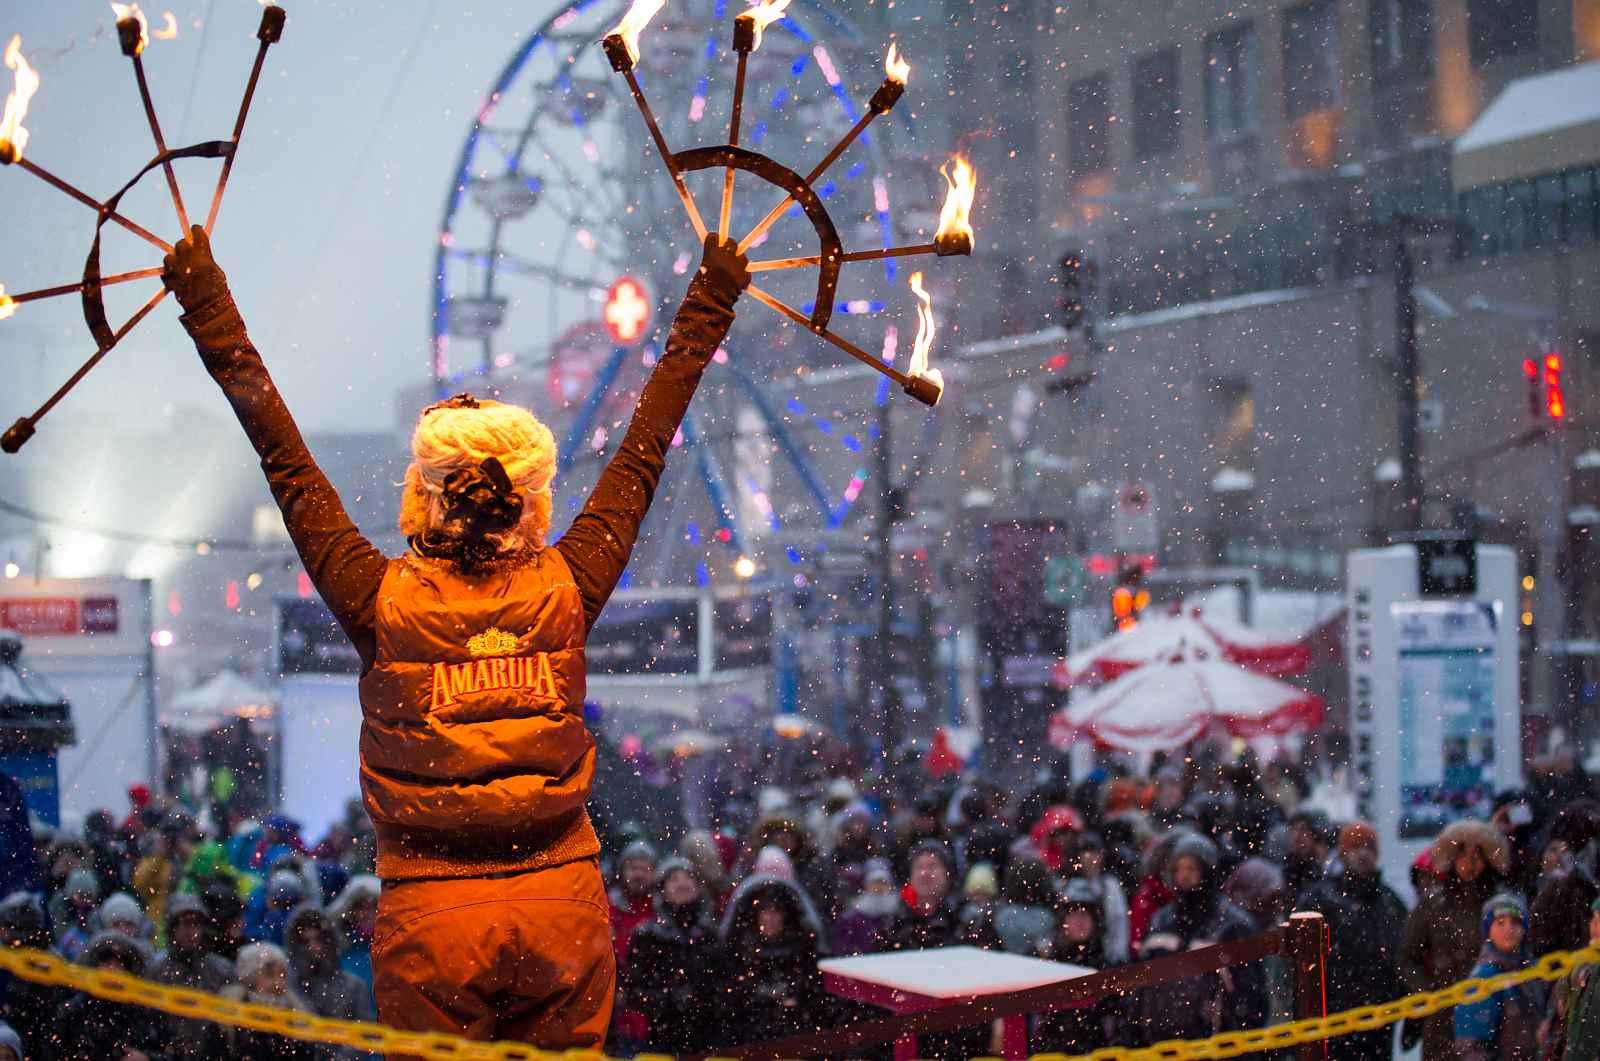 Montreal festivals in February 2016 include Montréal en Lumière, Nuit Blanche